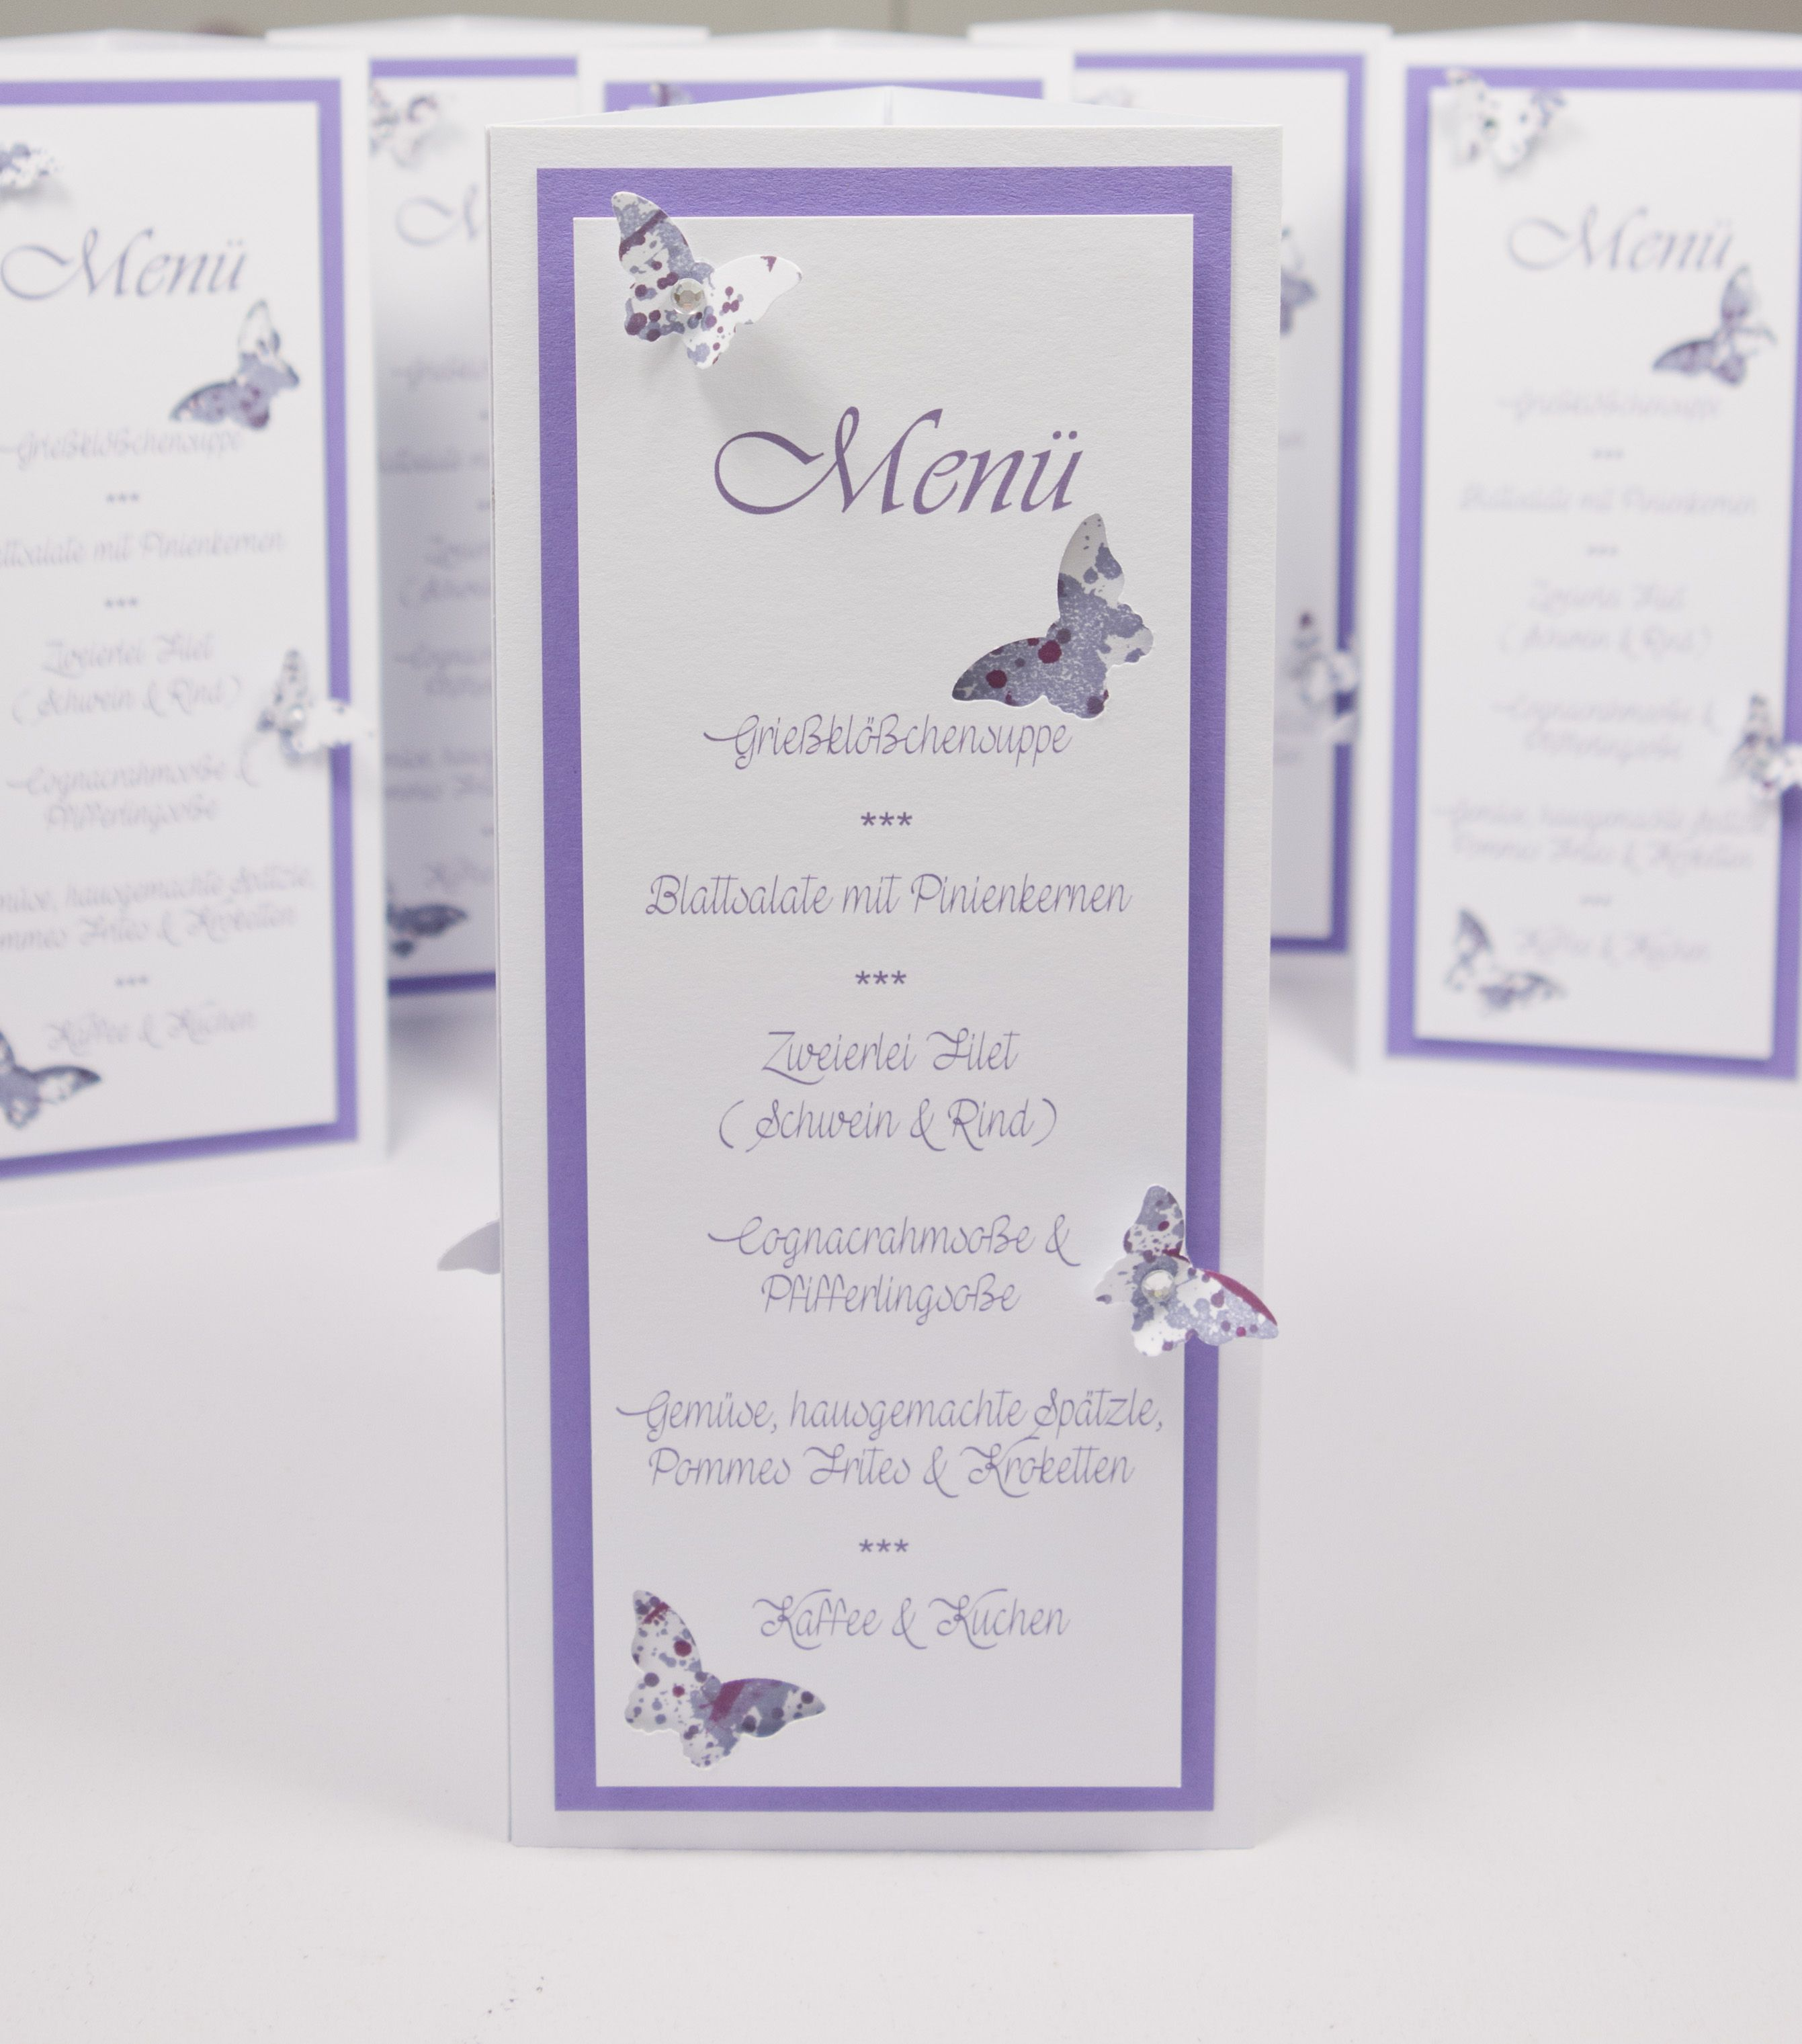 menu menucard Menü Menükarte Hochzeitsmenü Hochzeit wedding